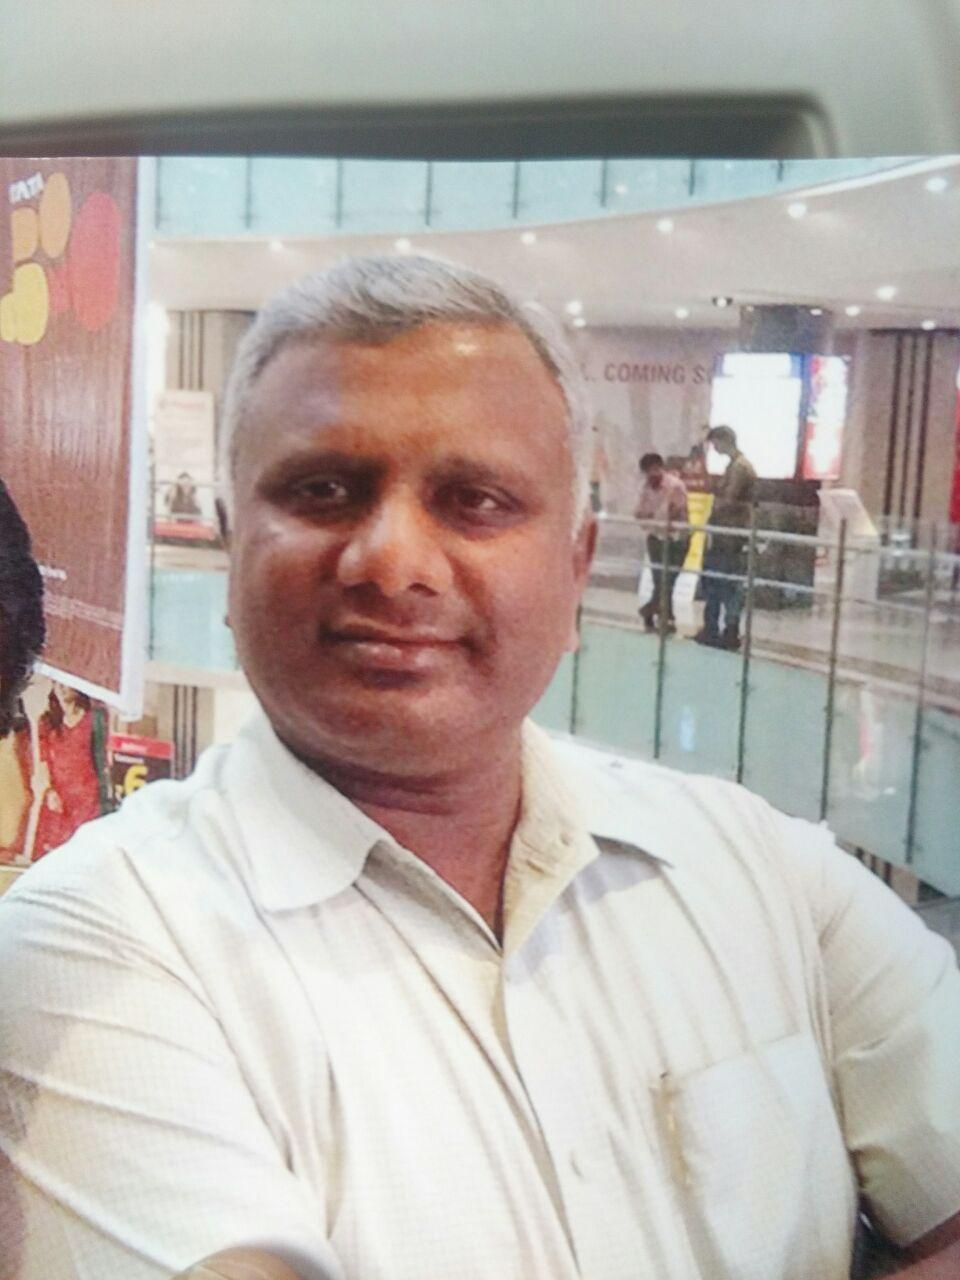 கல்யாண மன்னன் புருஷோத்தமன்